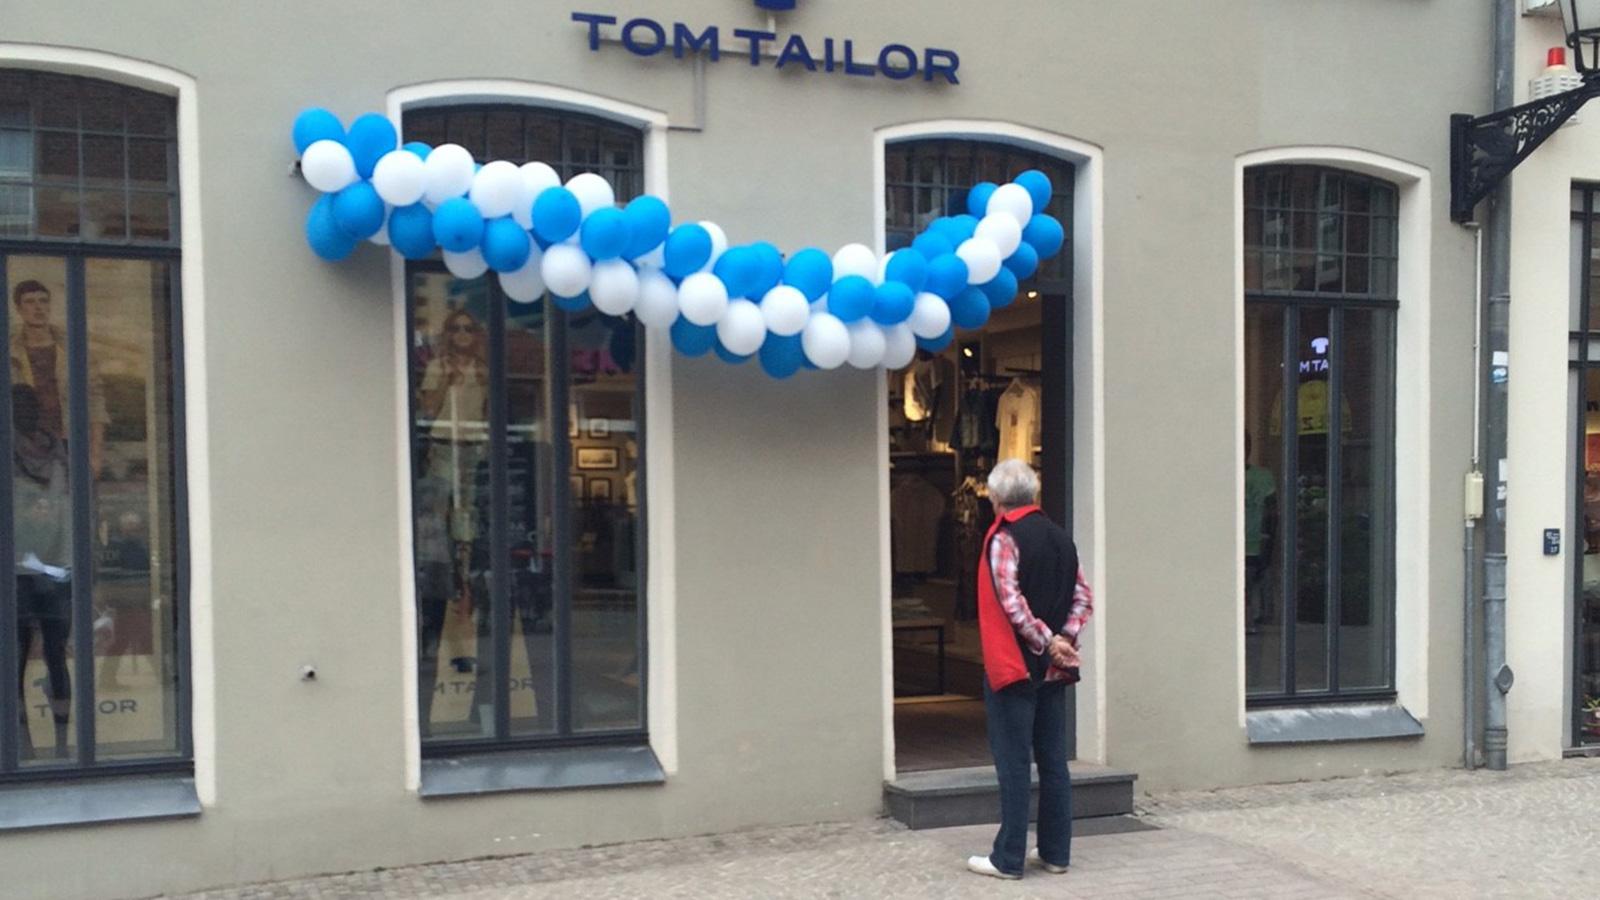 tom-tailor-hwi-13